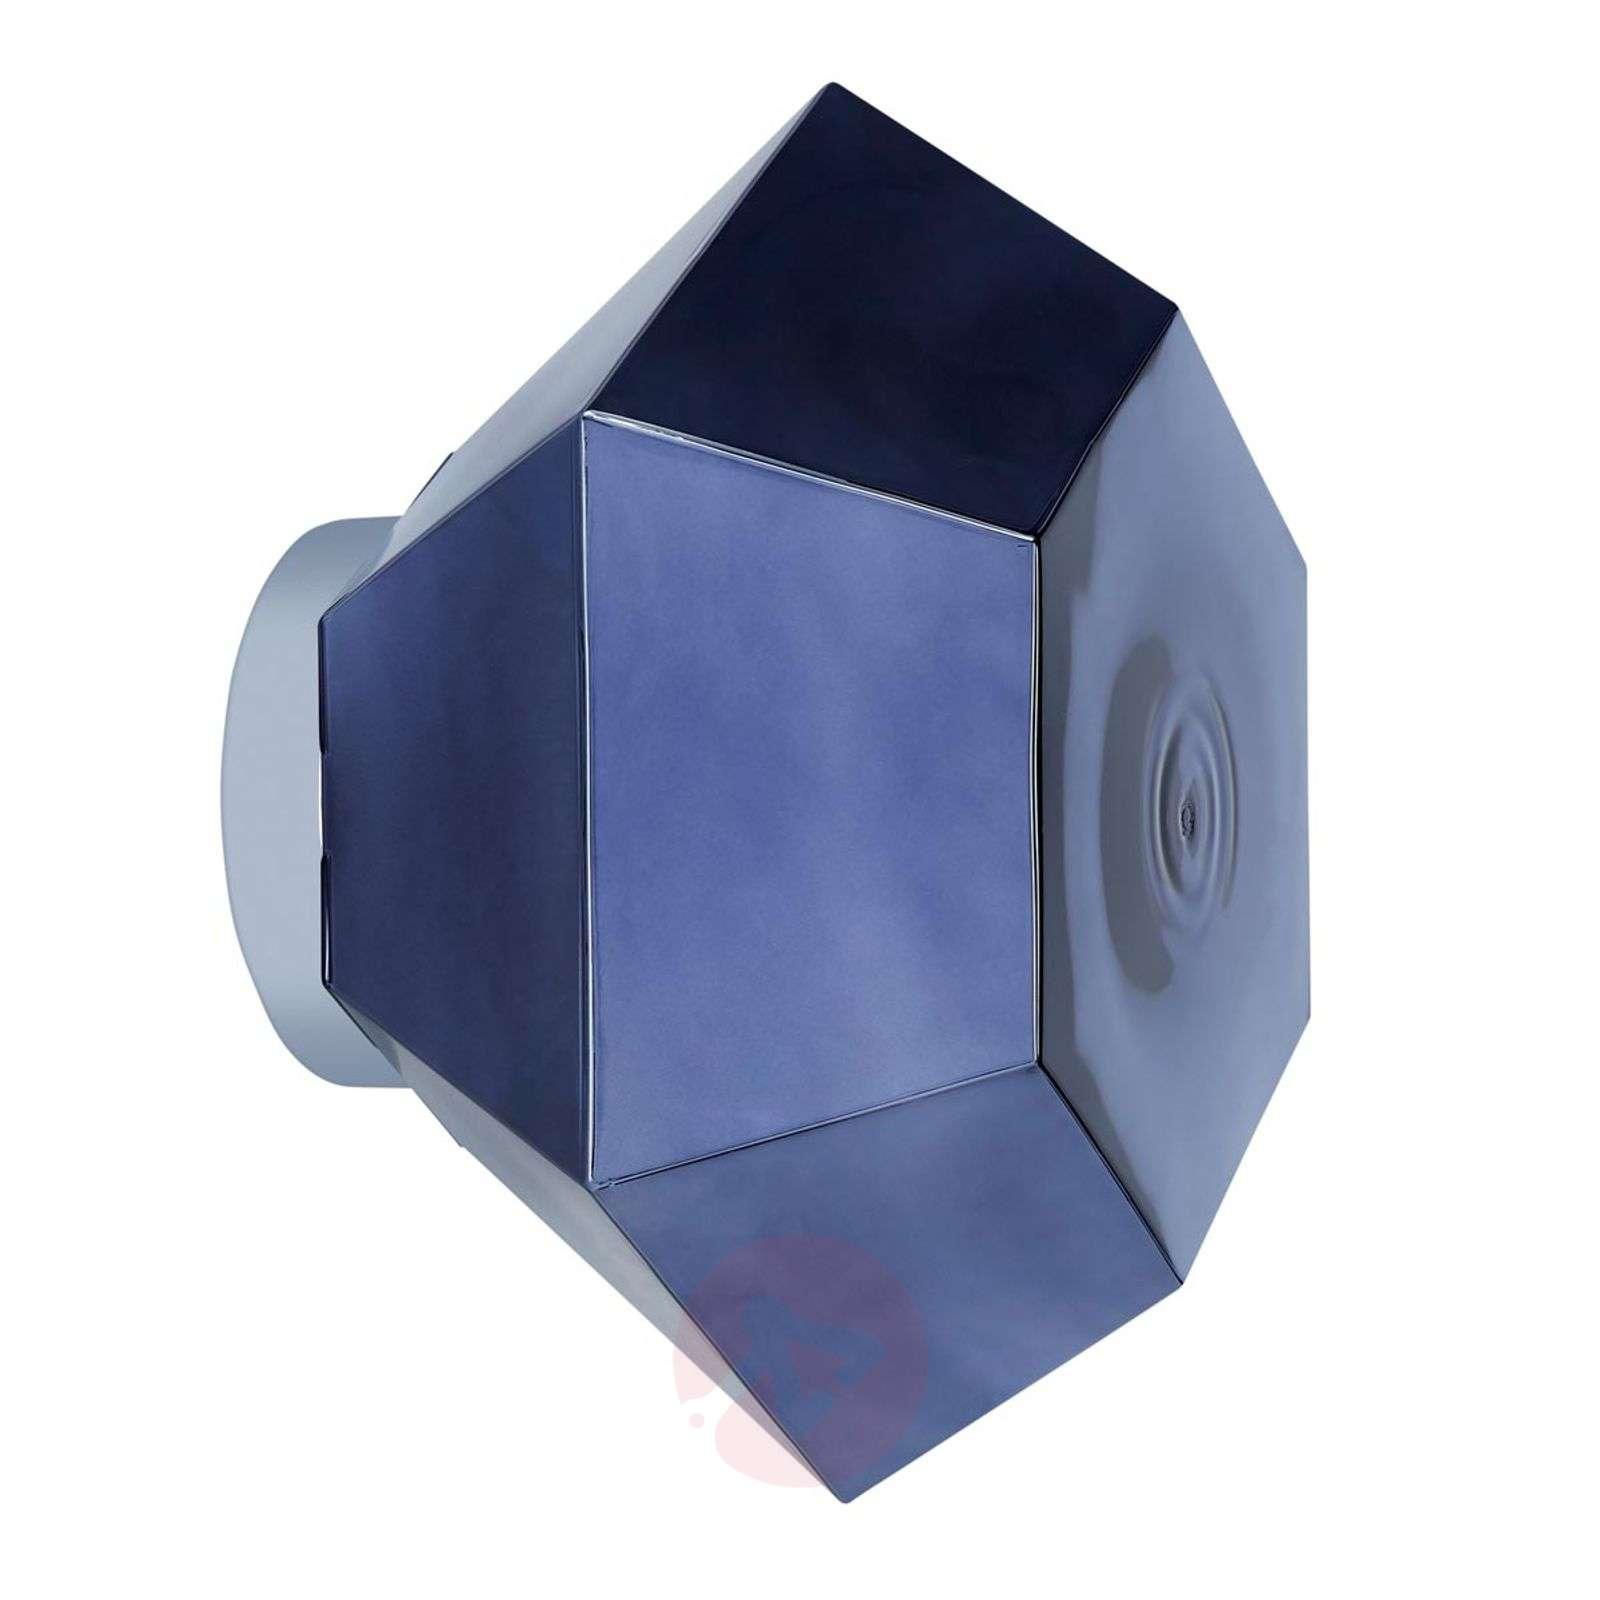 Savunsininen Cut Surface-kattolamppu-9043046-01